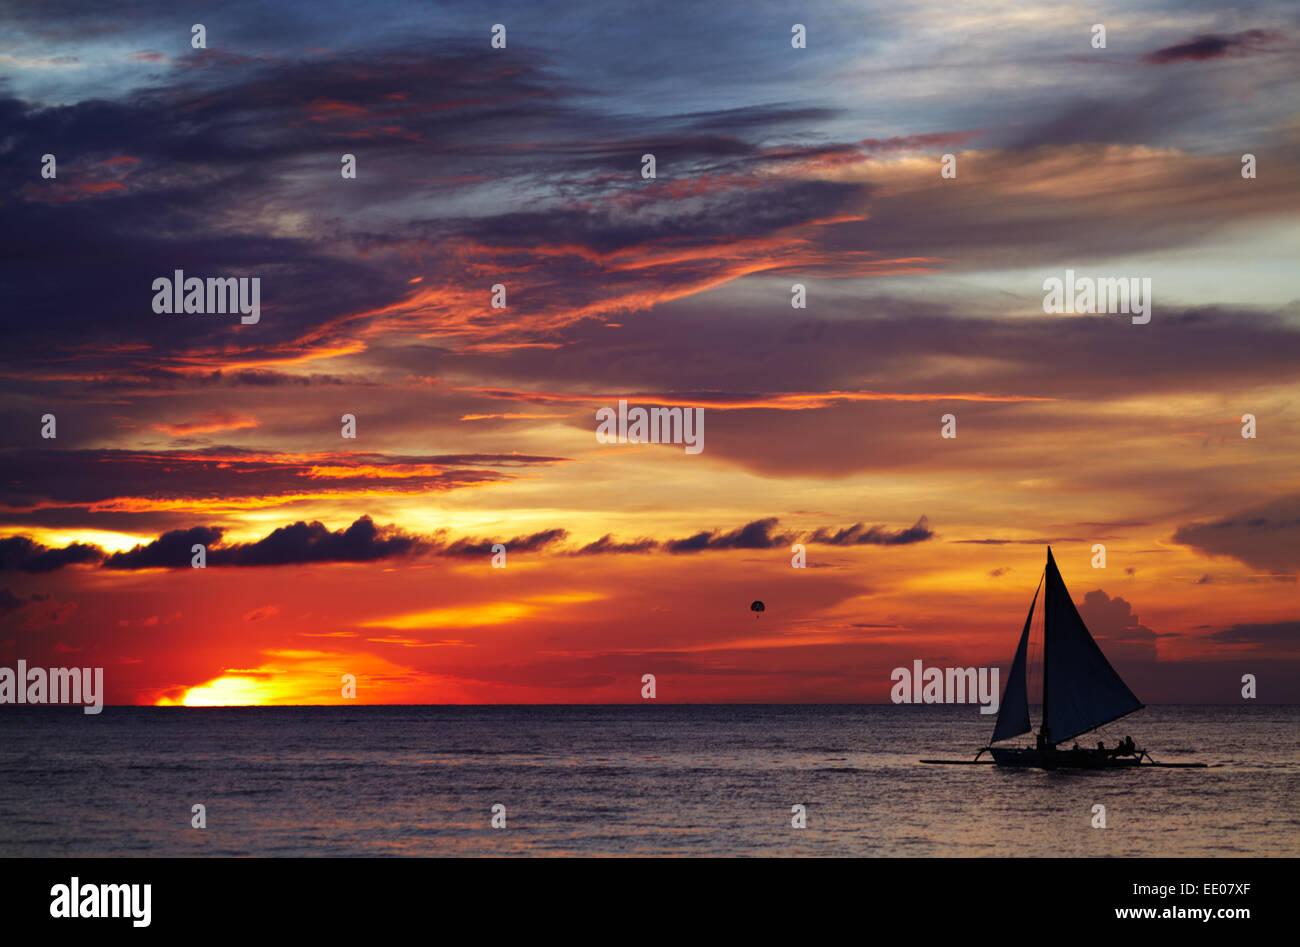 Atardecer tropical con velero, Boracay, Filipinas Imagen De Stock